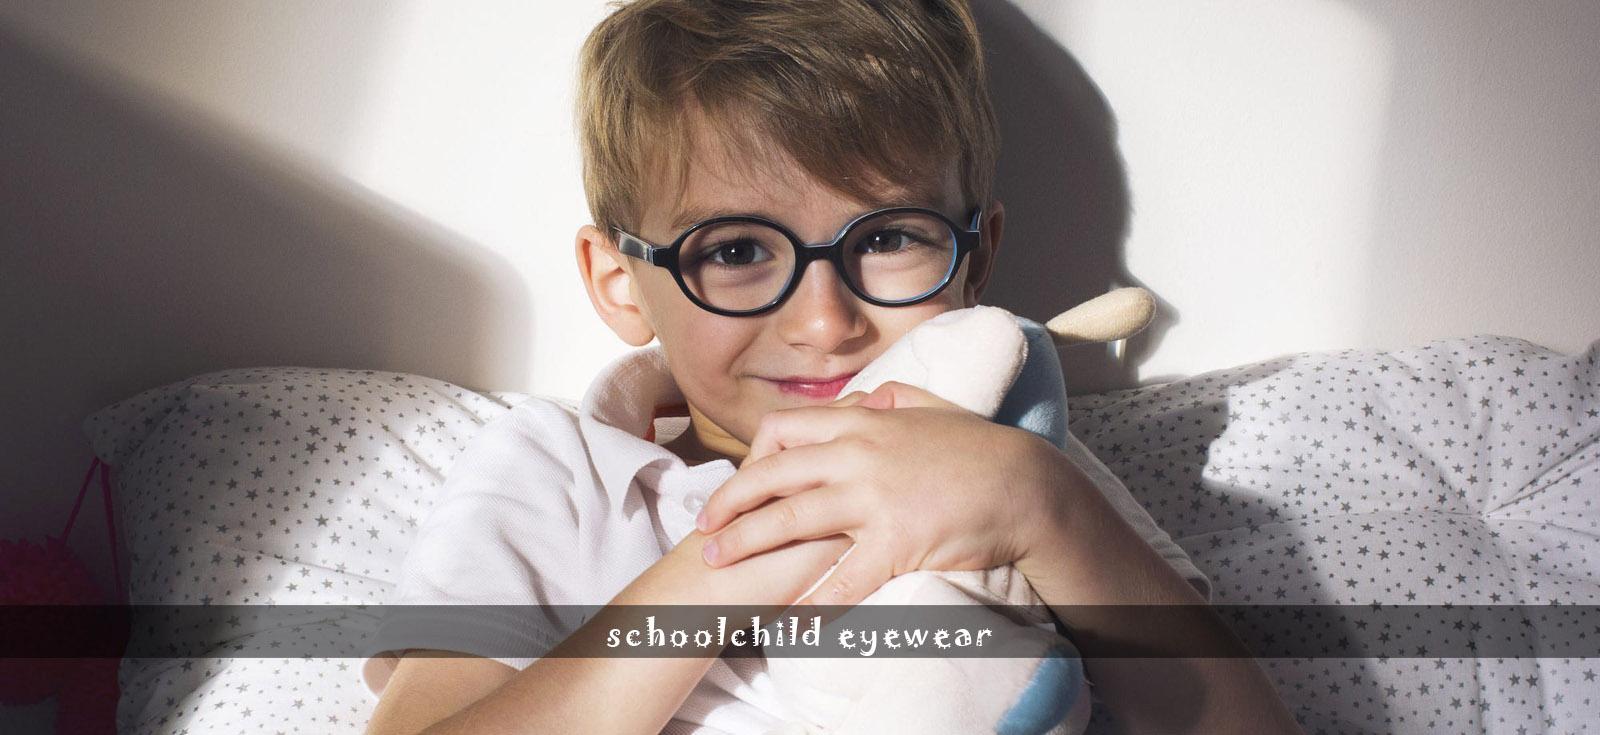 Schoolchild